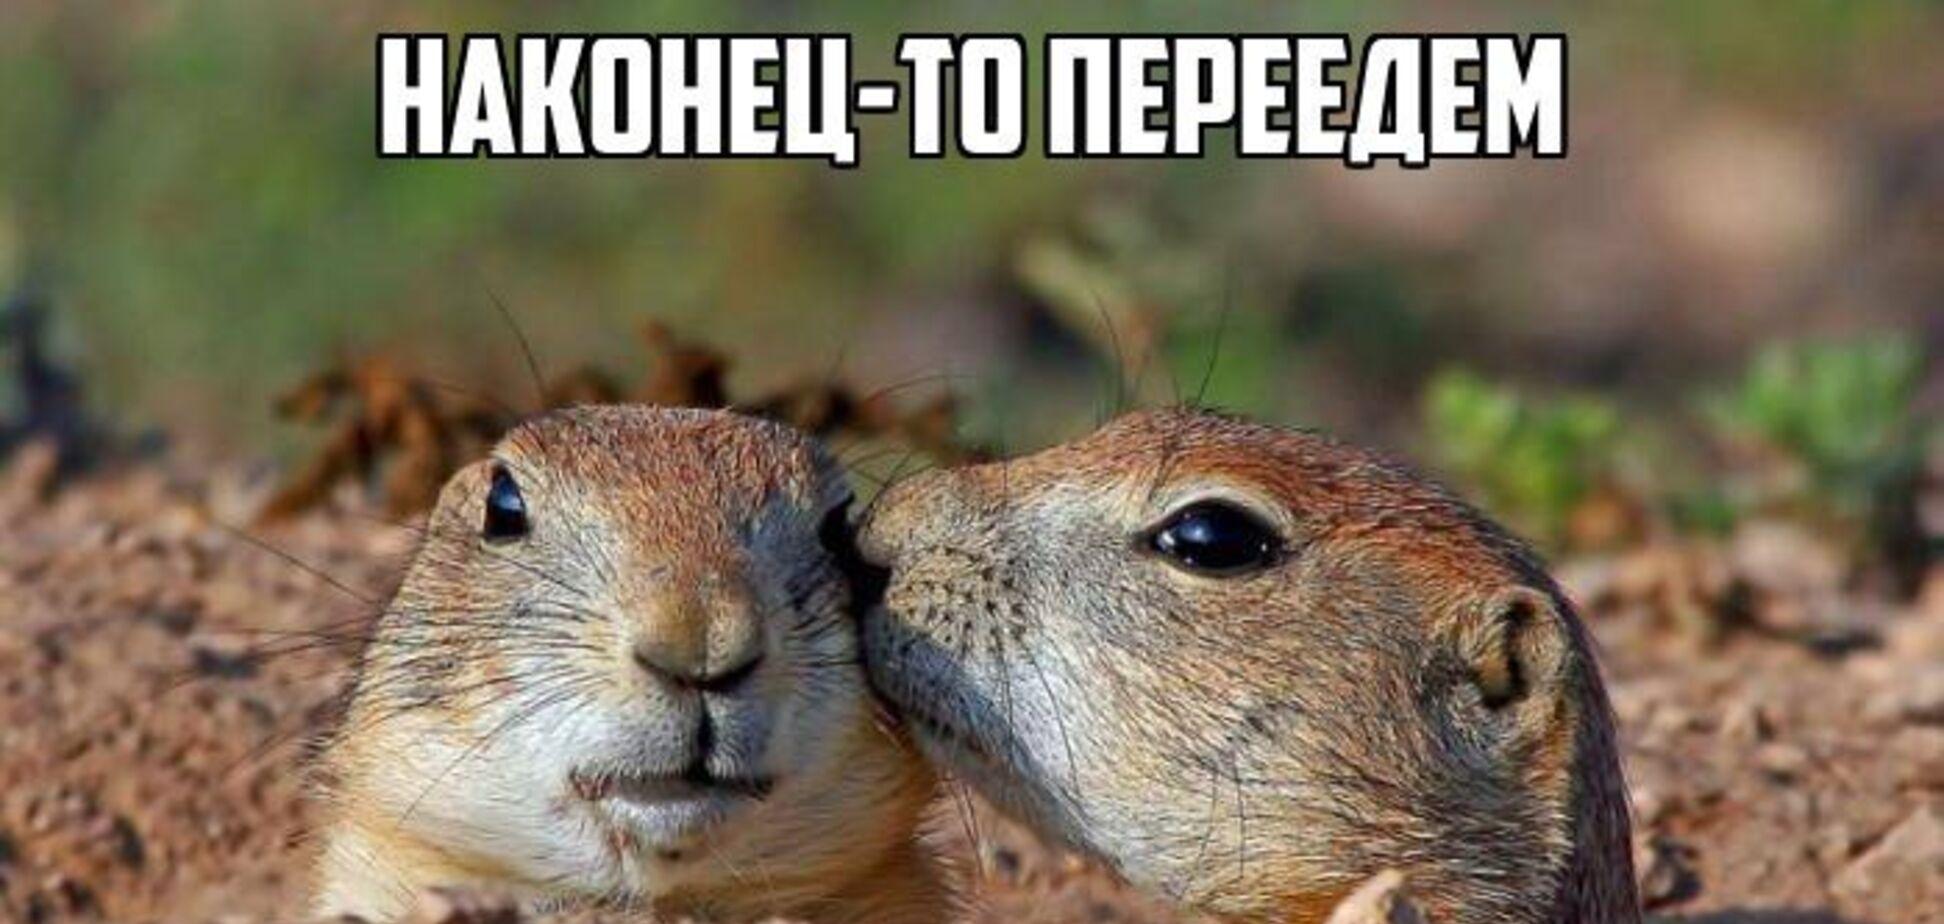 Лежал более 600 лет! В России суслик нашел старинный драгоценный клад